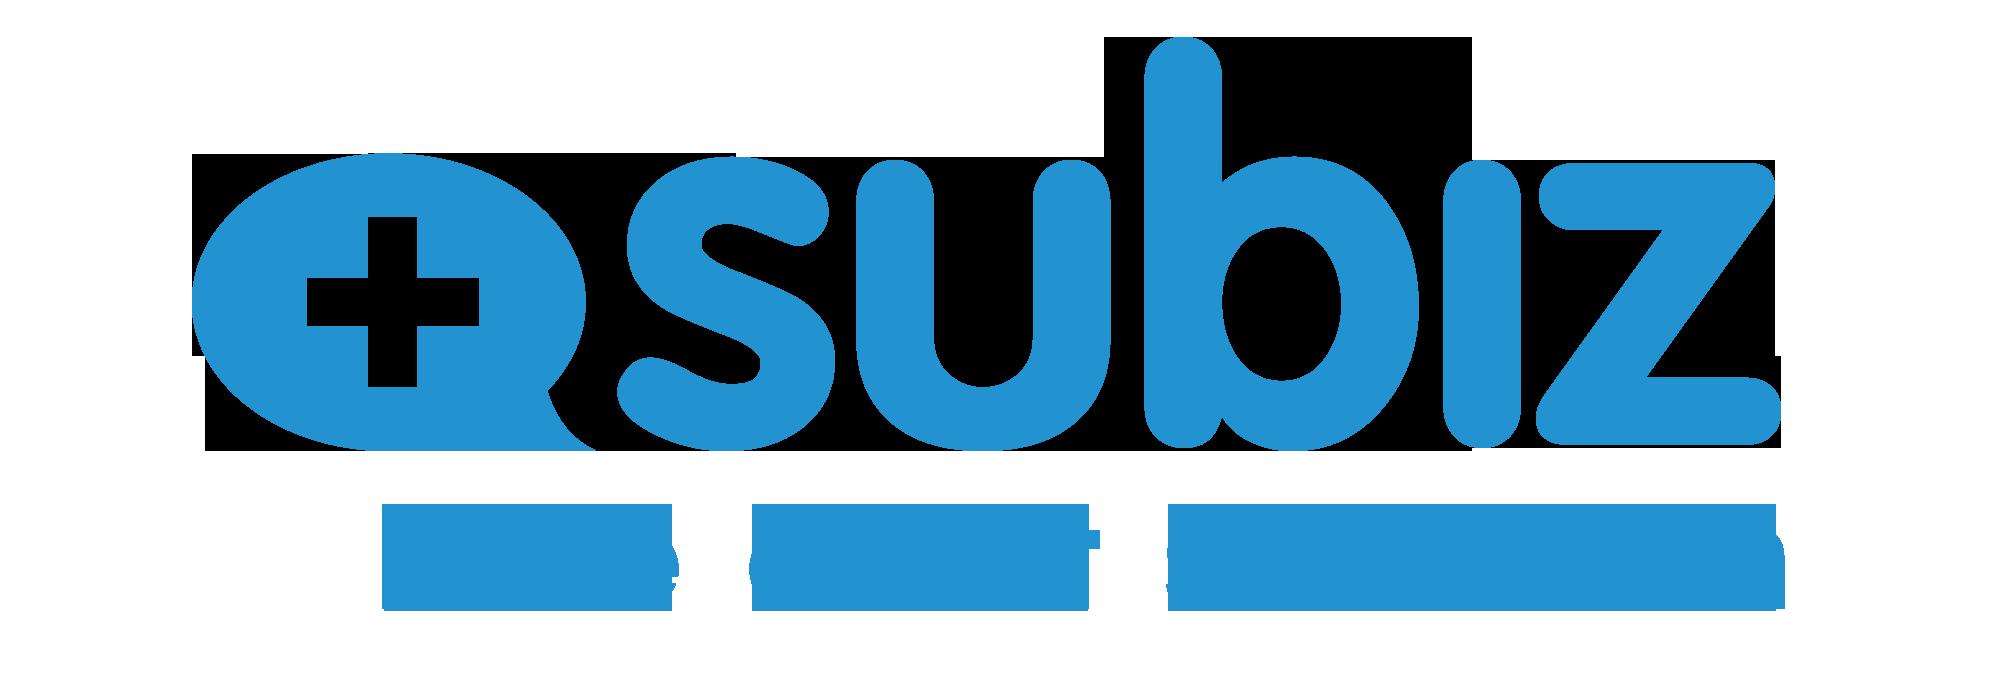 Chat trực tuyến - cần thiết cho website bán hàng